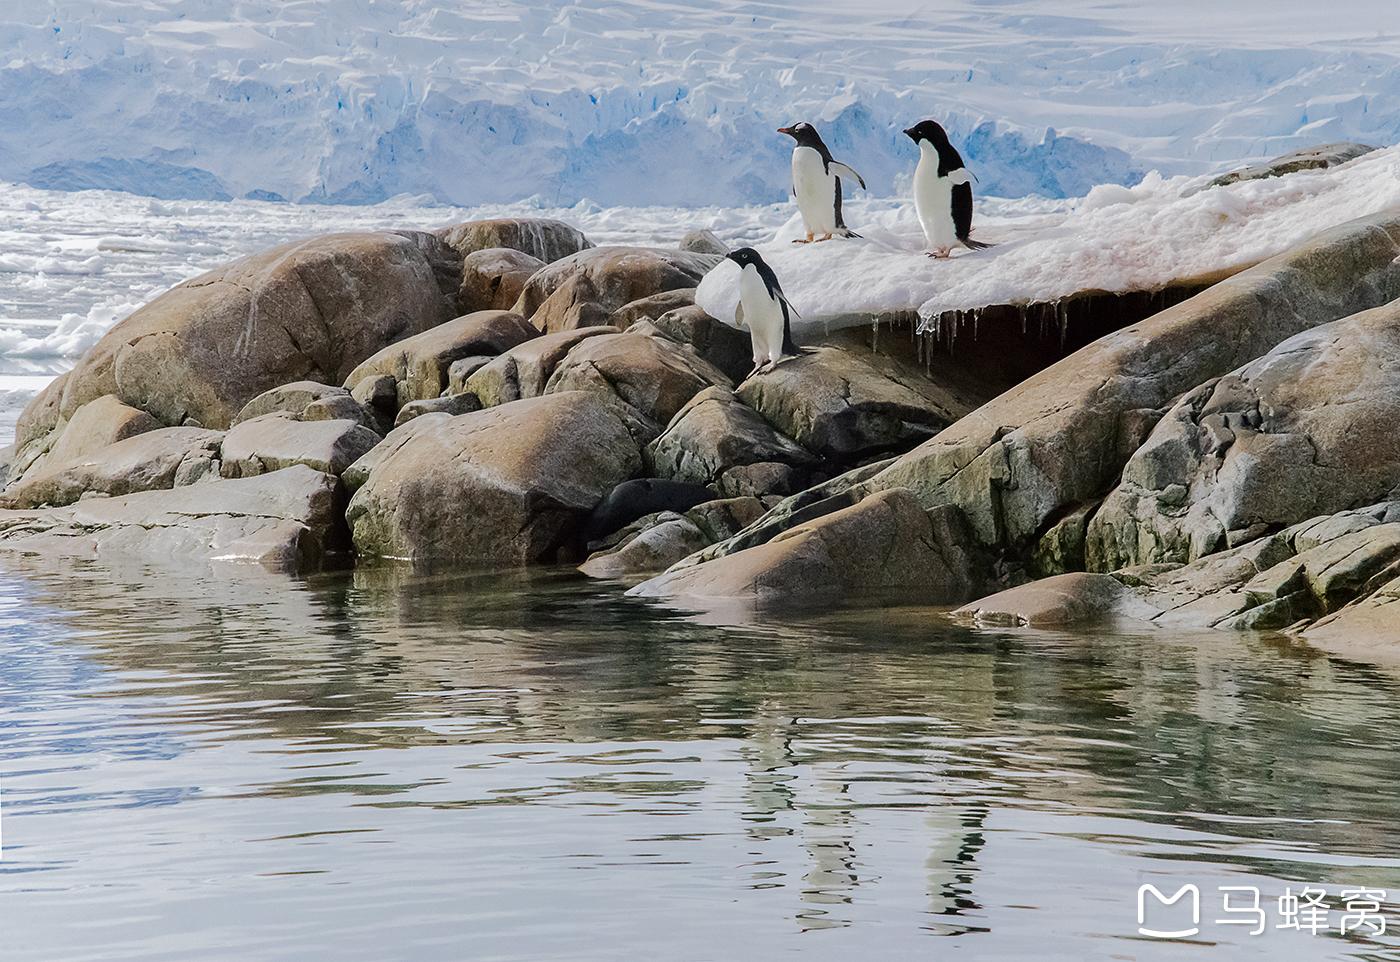 ·奇妙梦幻南极三岛极圈之旅看到别样精彩世界(待更新)_游记